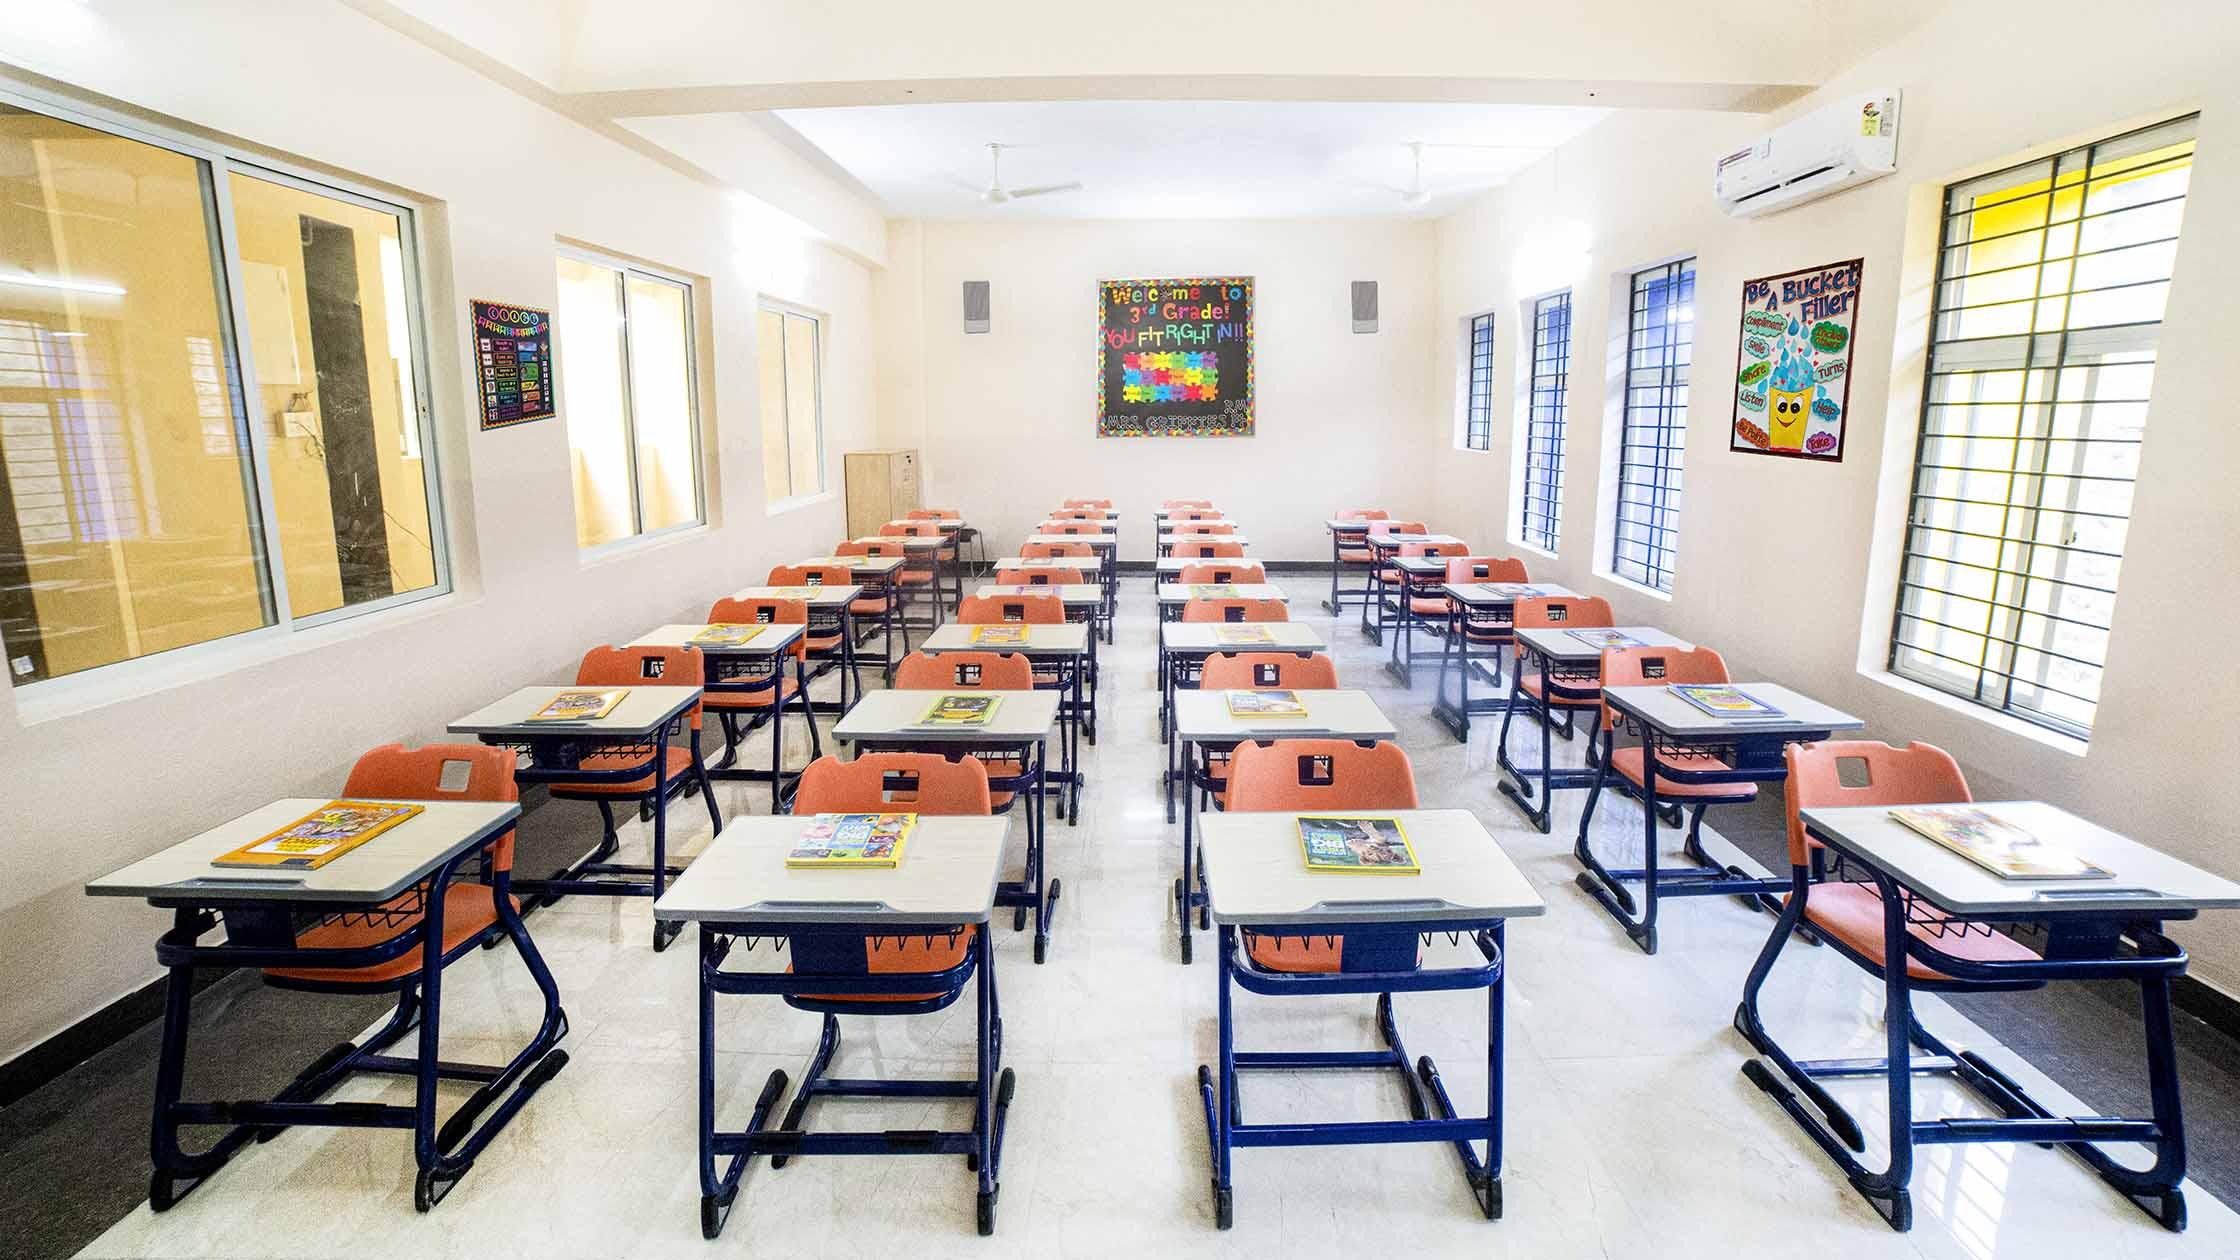 Walkertown Academy - Cbse School in secunderabad - interior